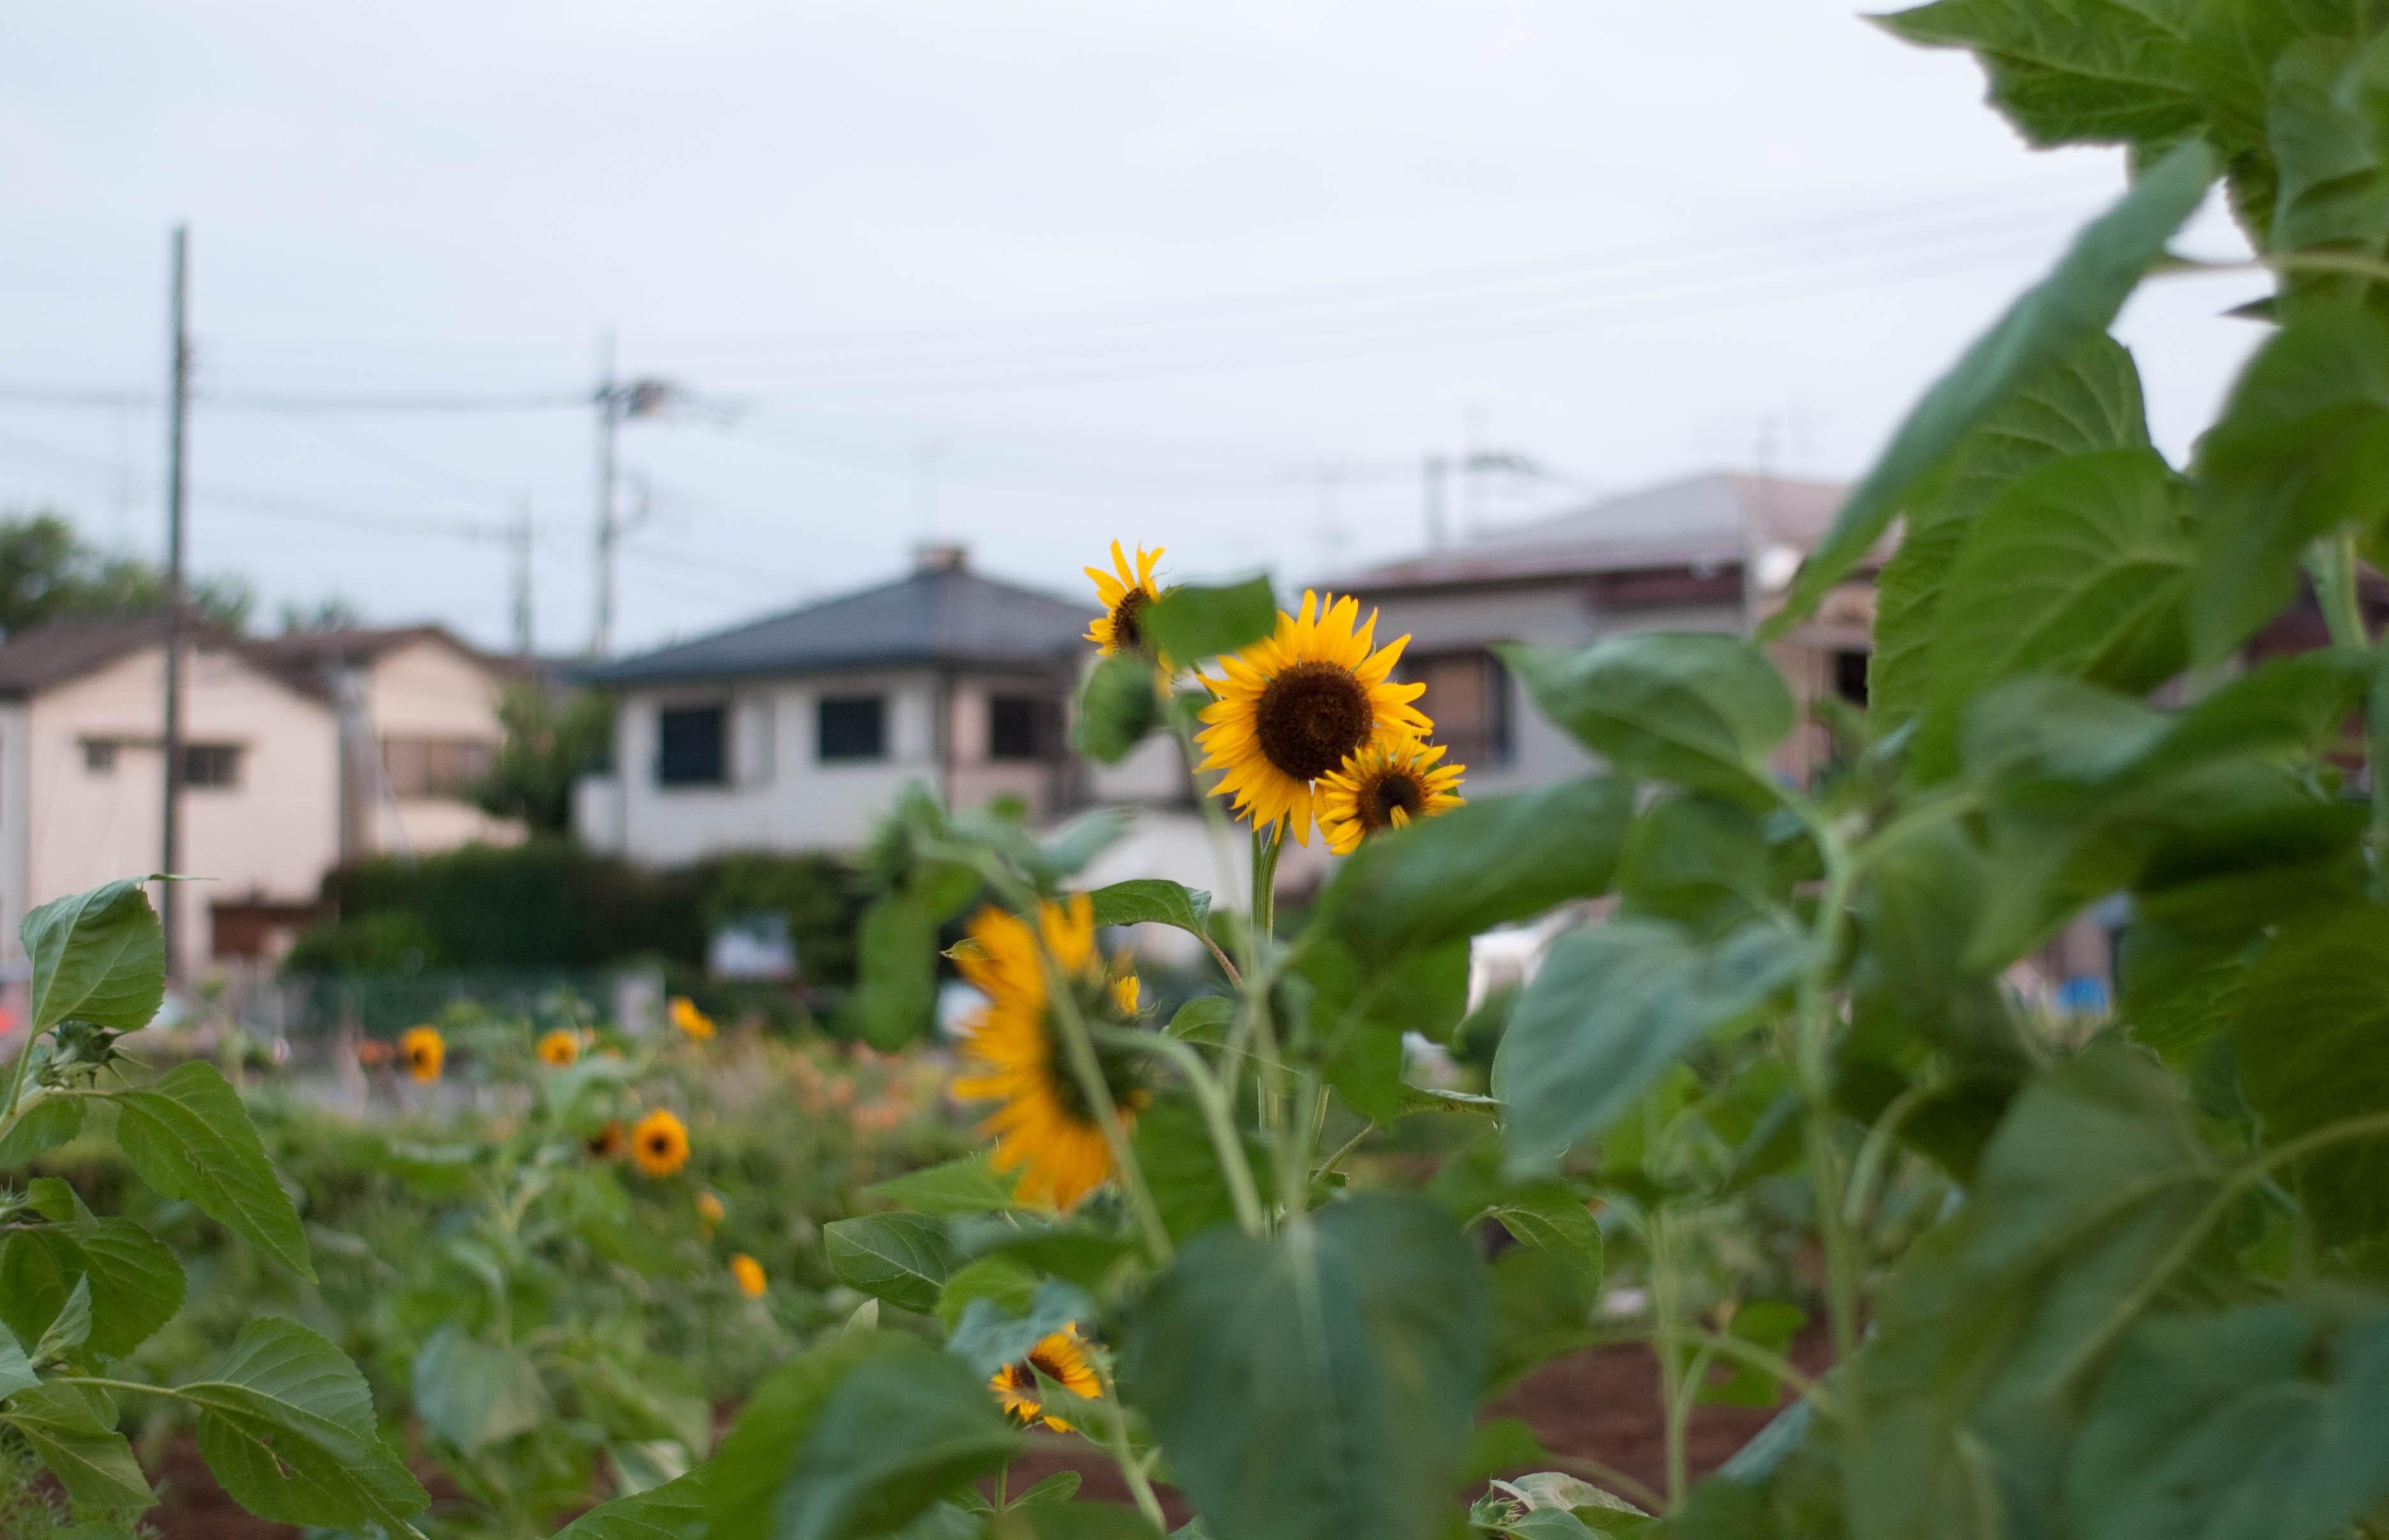 ぼくの住む町_b0194880_12143256.jpg